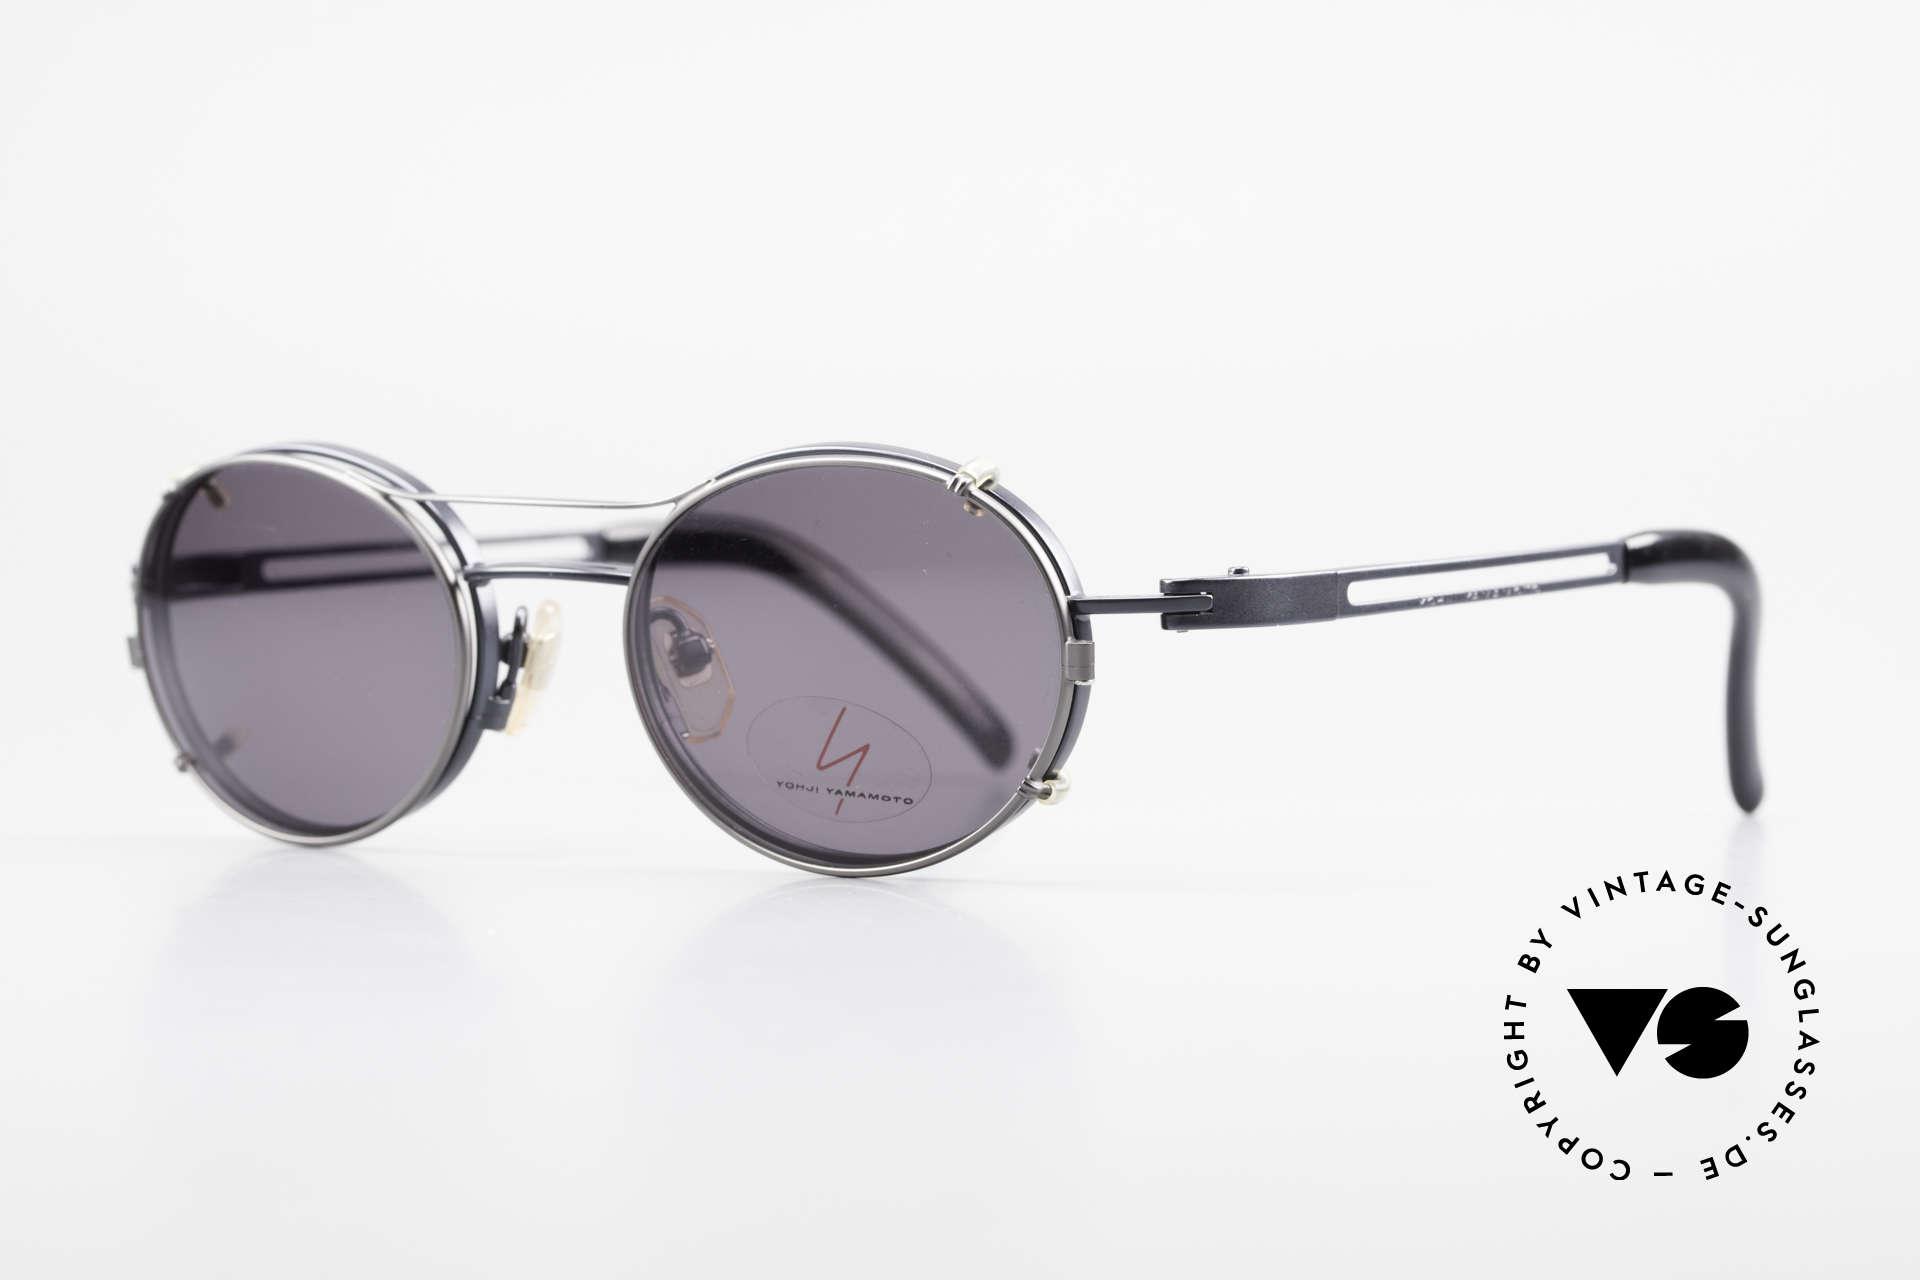 Yohji Yamamoto 51-6106 Clip On Brille Oval Blau Metall, Fassung = dunkelblau metallic, Clip = titanium-grau, Passend für Herren und Damen